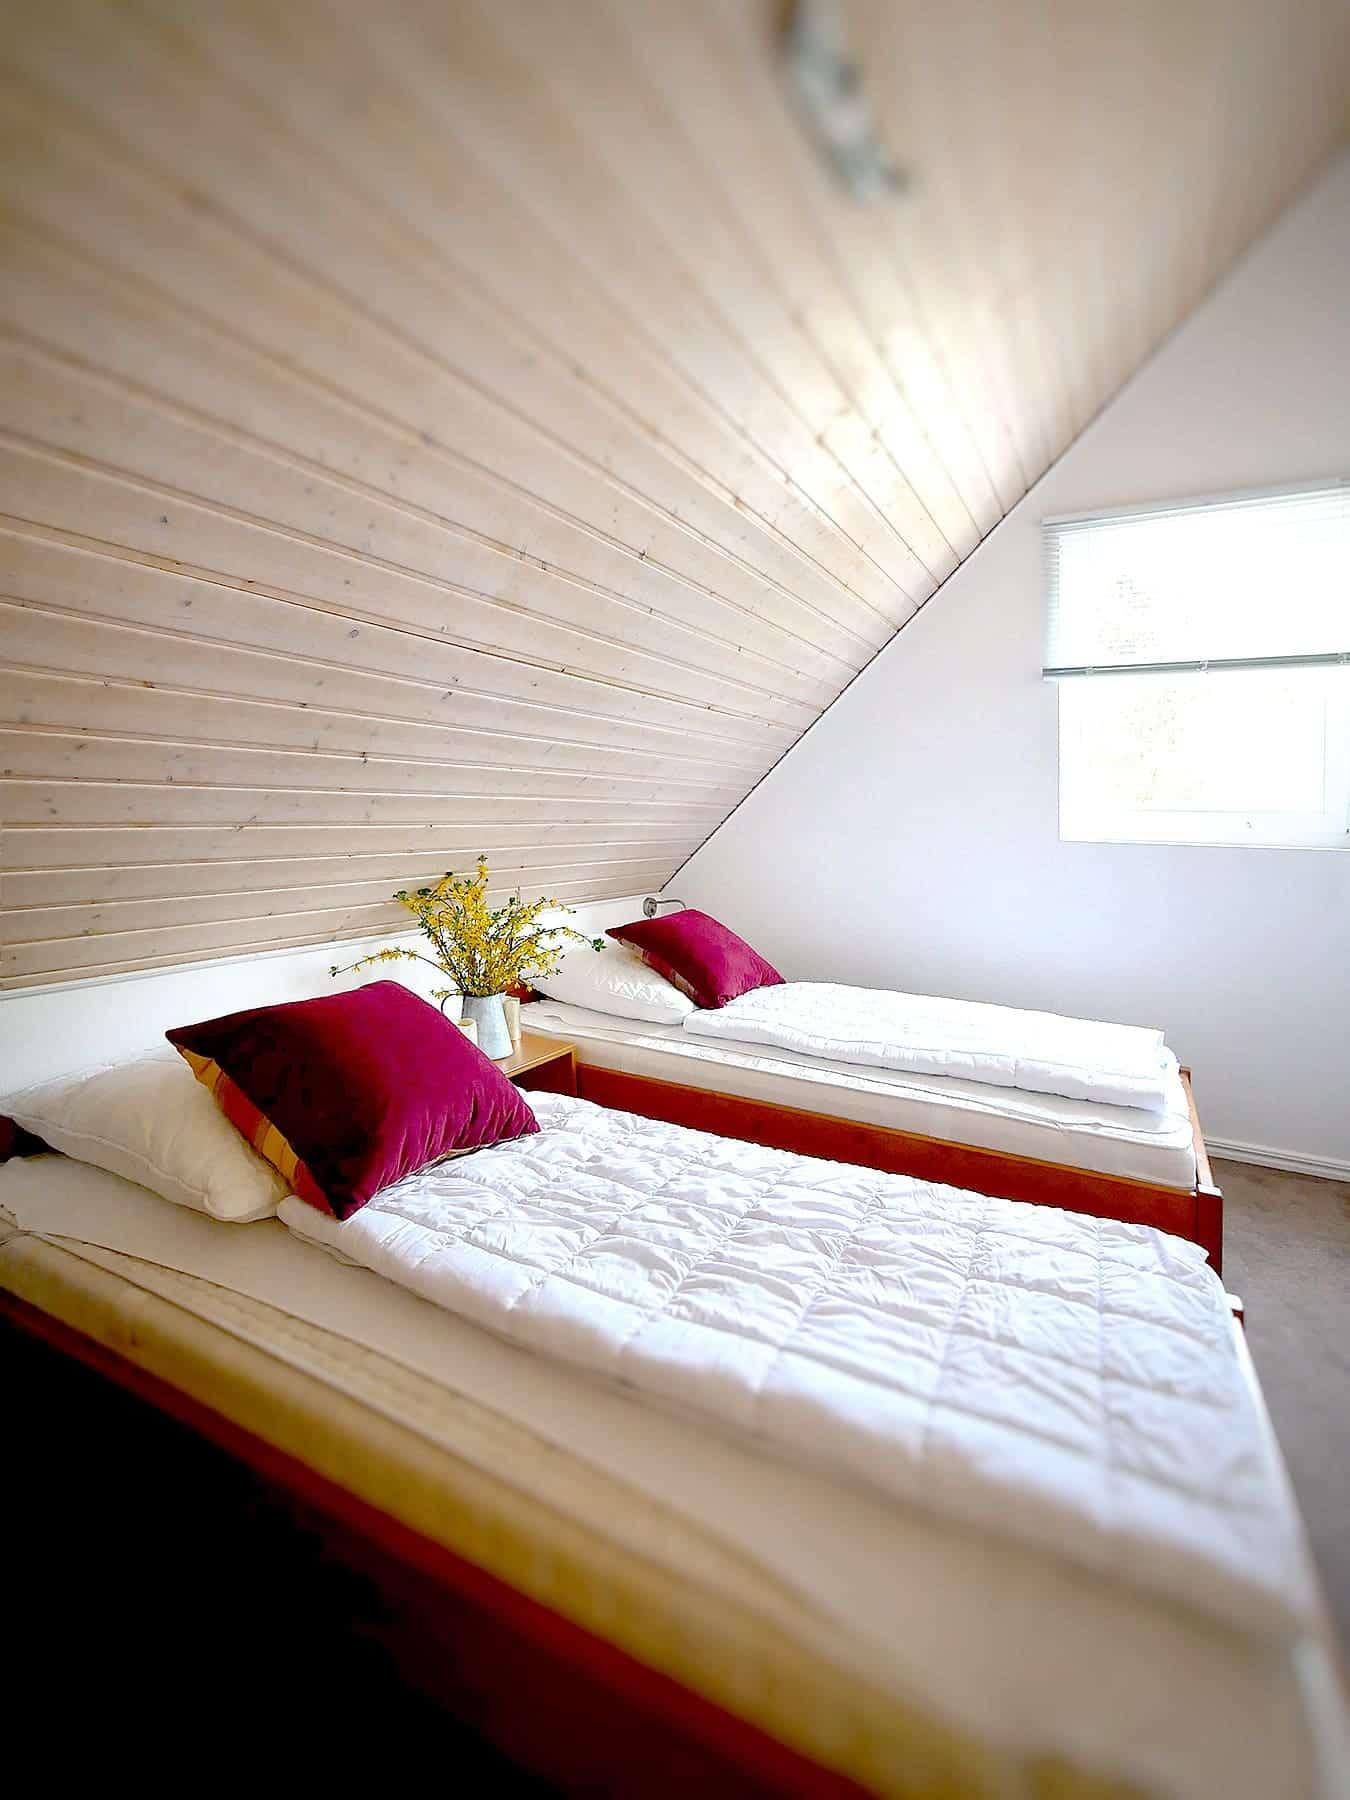 Ferienhaus Falster XL in Bad Saarow – Schlafzimmer im Dachgeschoss